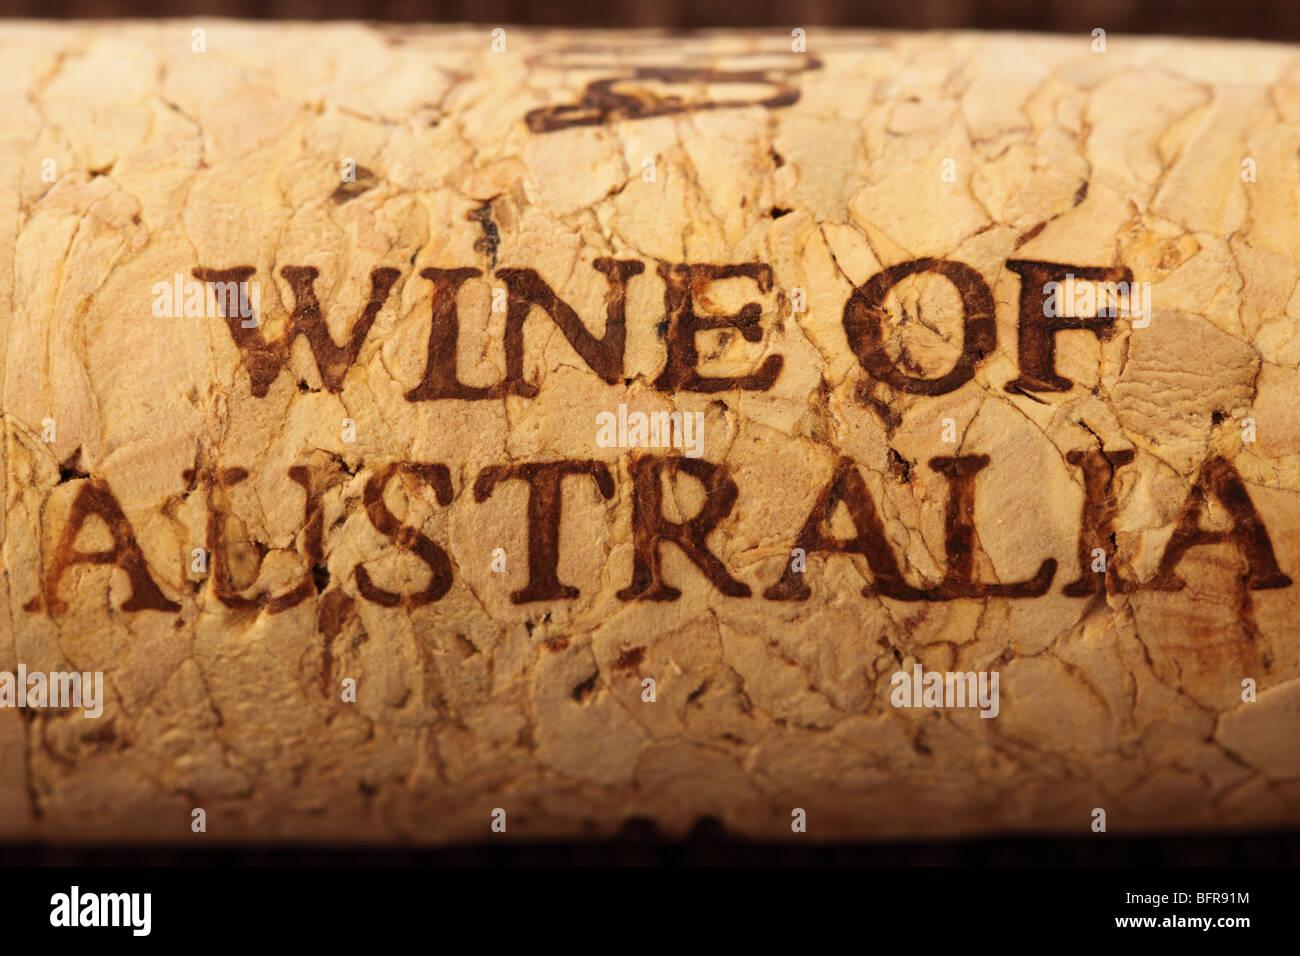 Wein aus Australien Wein Korken Stockbild